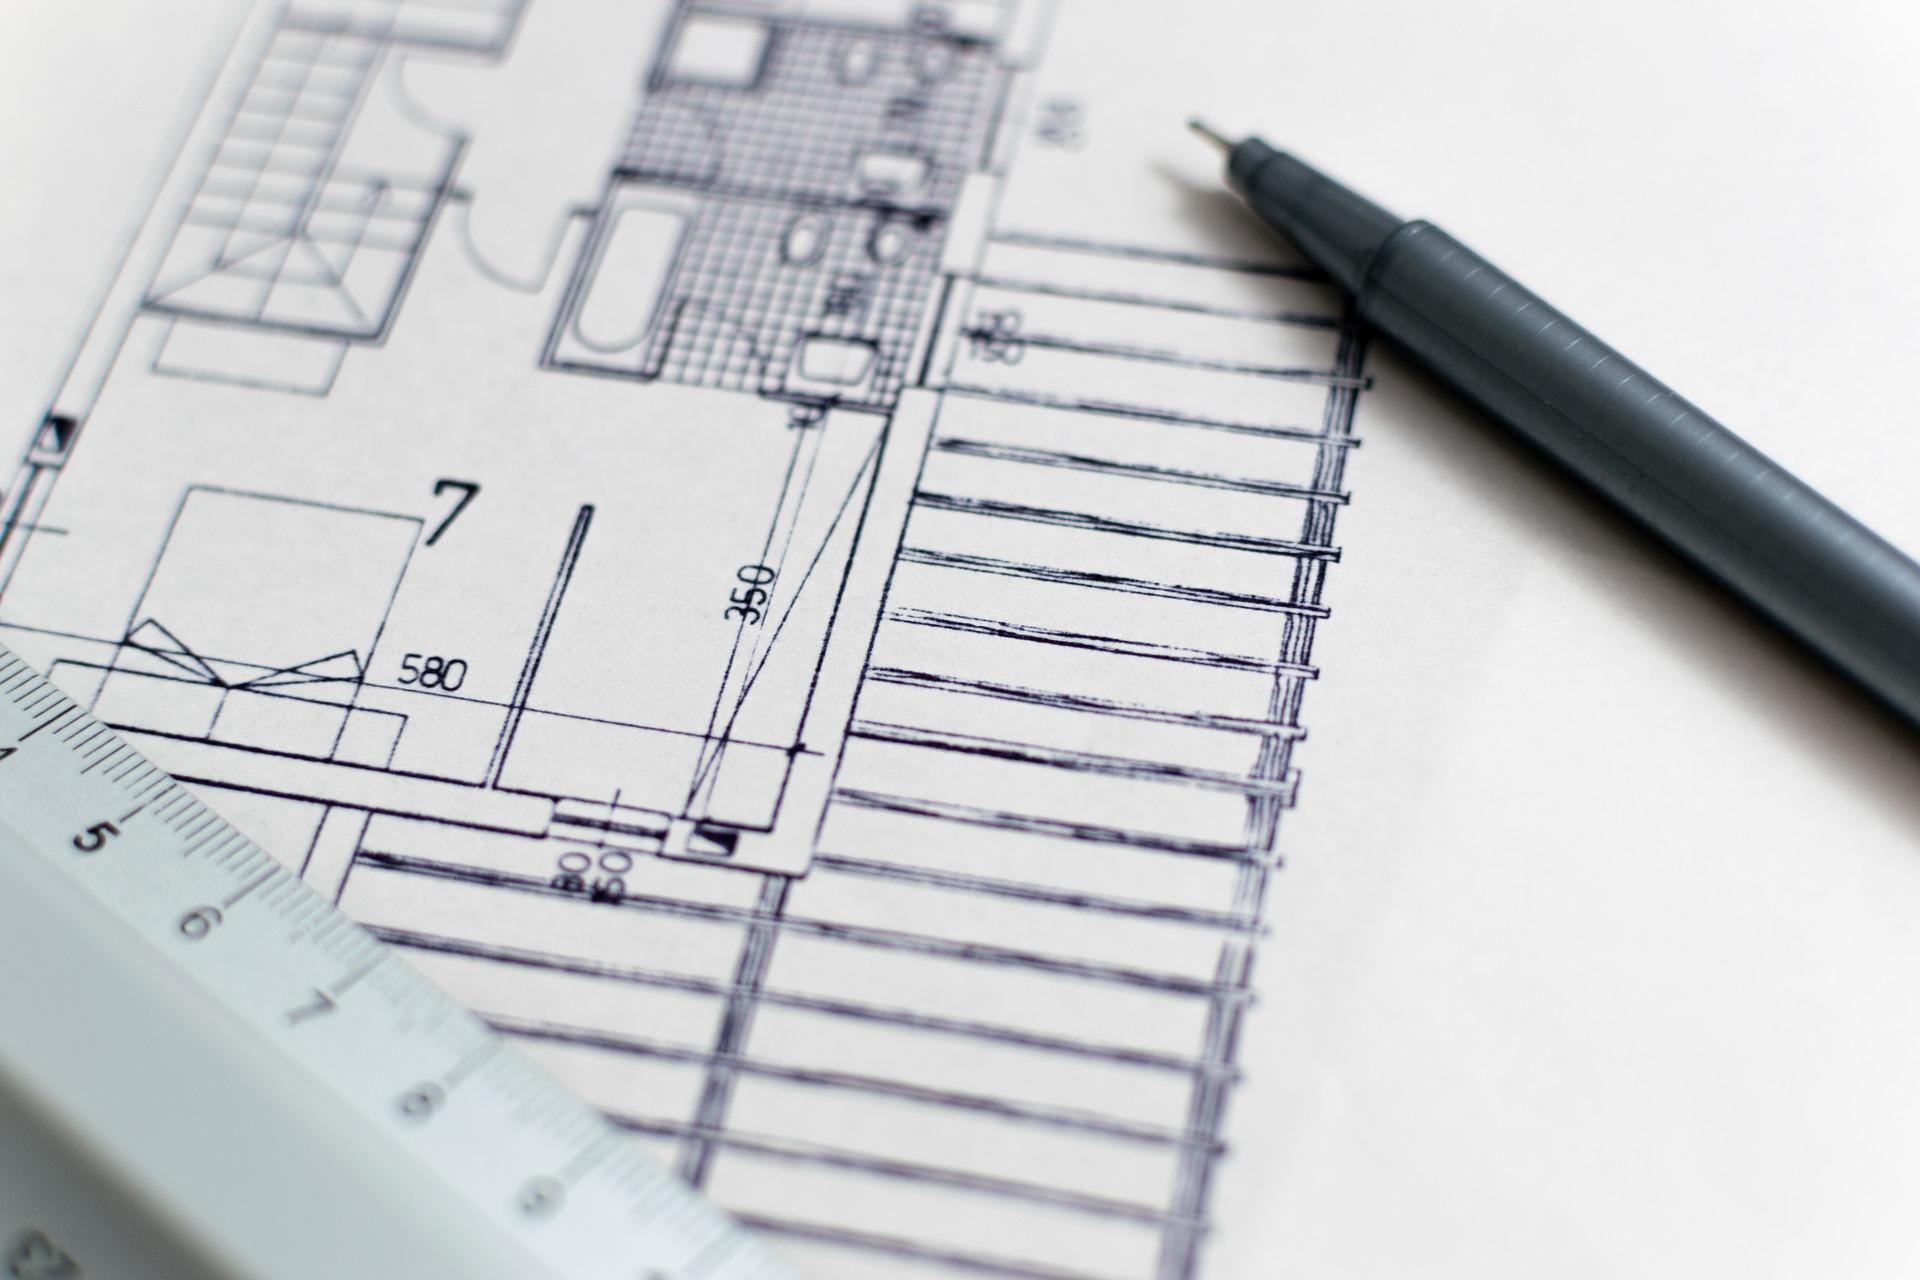 Architetto torino preventivo gratuito per il tuo progetto architettonico - Lavoro architetto torino ...